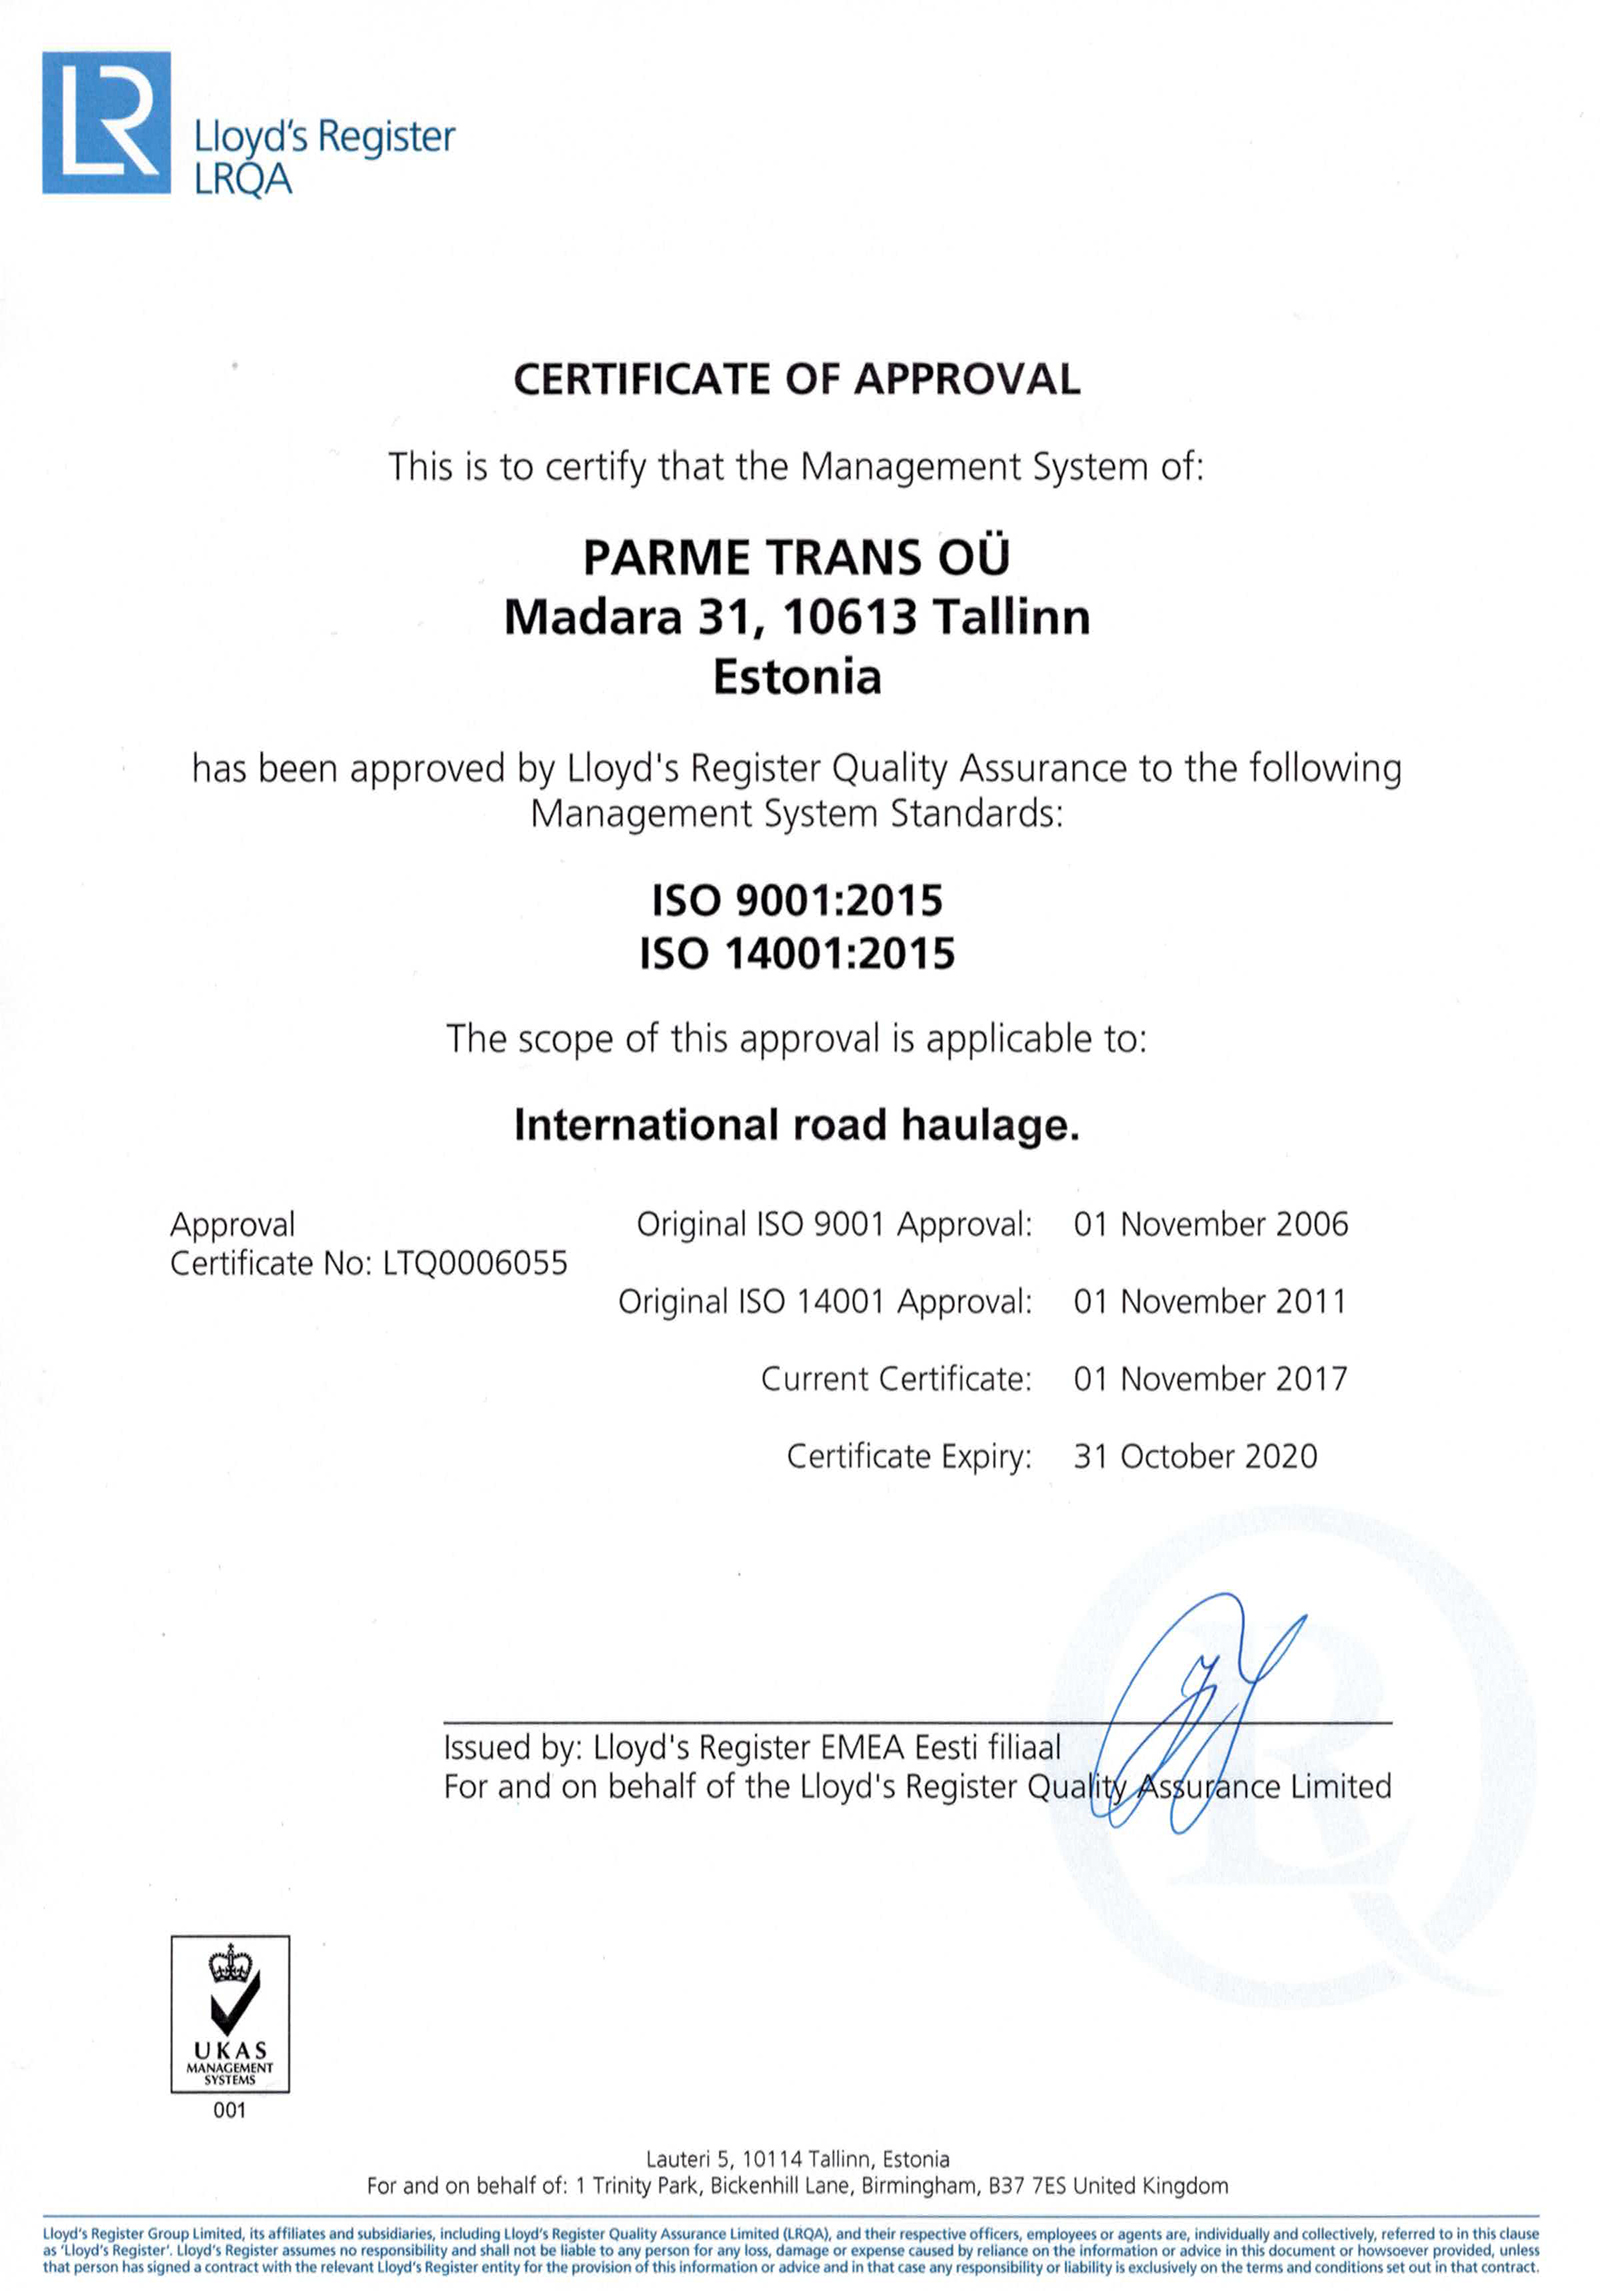 Parme_Trans_certificate_2017